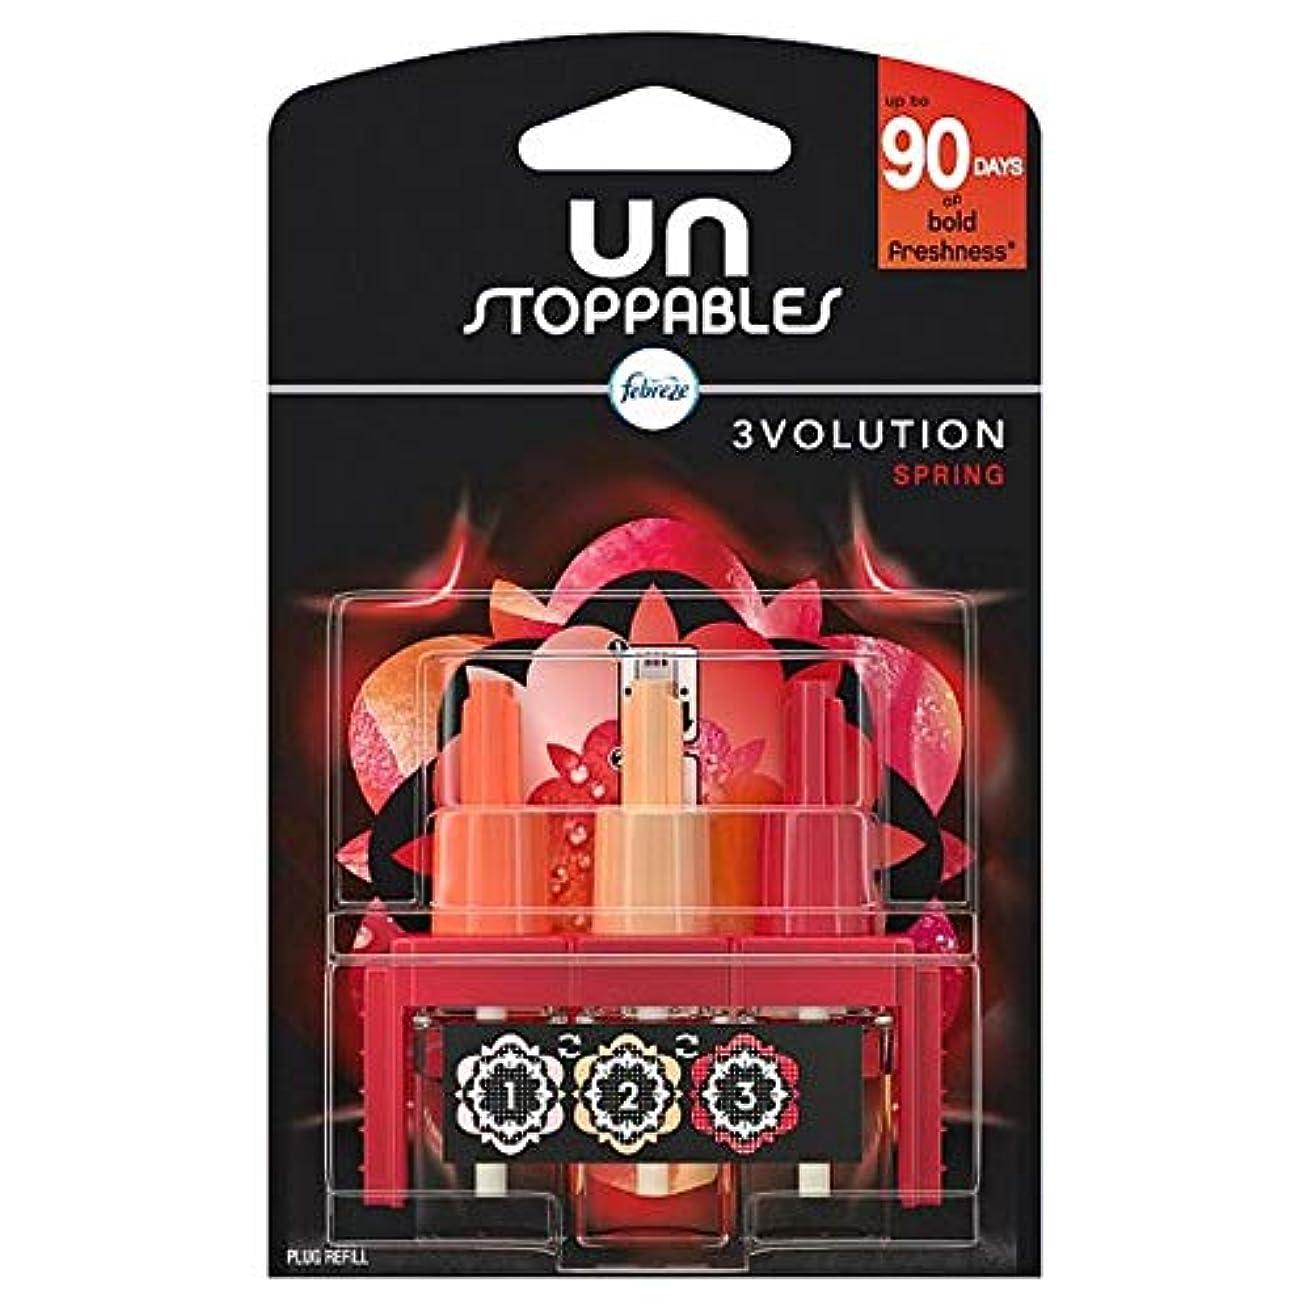 ステーキ写真を描くニックネーム[Febreze] リフィル20ミリリットルでUnstoppables 3Volutionスプリングプラグ - Unstoppables 3Volution Spring Plug In Refill 20Ml [並行輸入品]